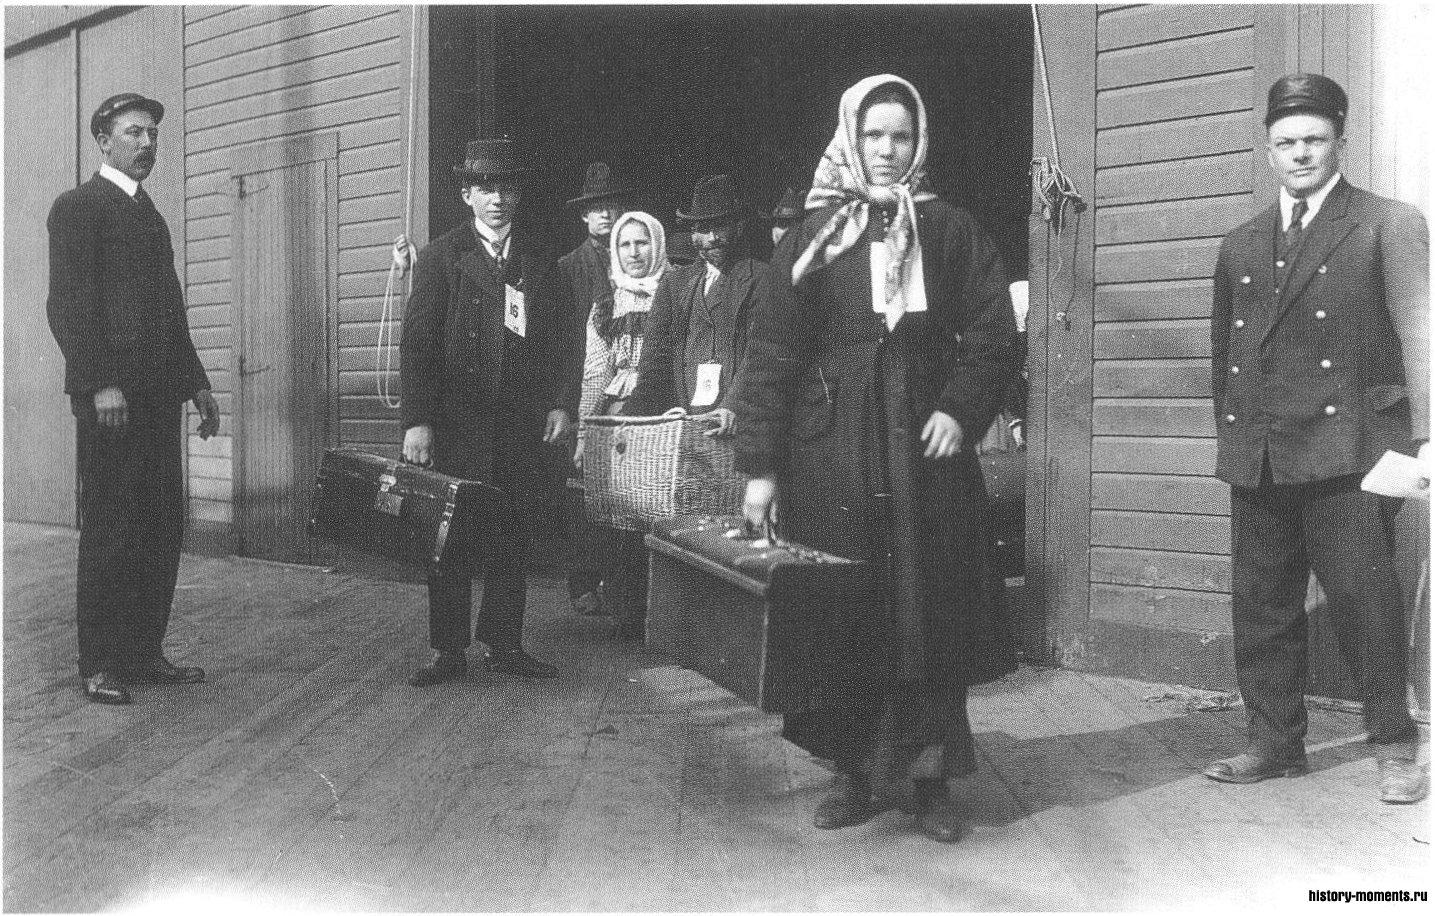 Иммигранты вступают на Эллис-Айленд близ Нью-Йорка, в надежде на лучшую жизнь в Новом Свете. Прозванный Островом слез, поскольку не всех желающих пропускали дальше, он принимал в начале XX в. по 2 тыс. человек ежедневно.